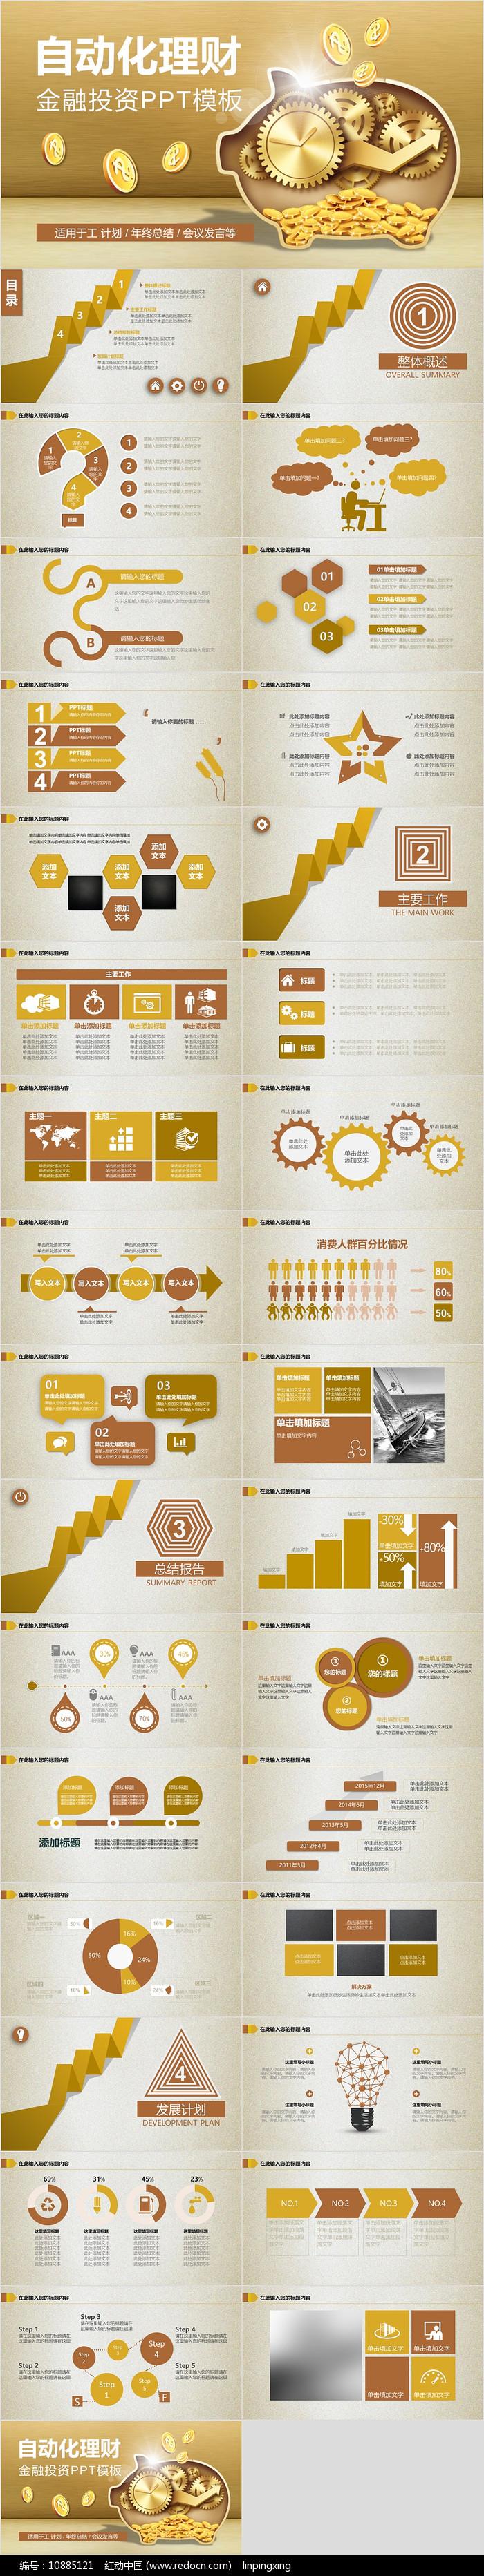 大气创业投资金融理财银行保险PPT模板图片